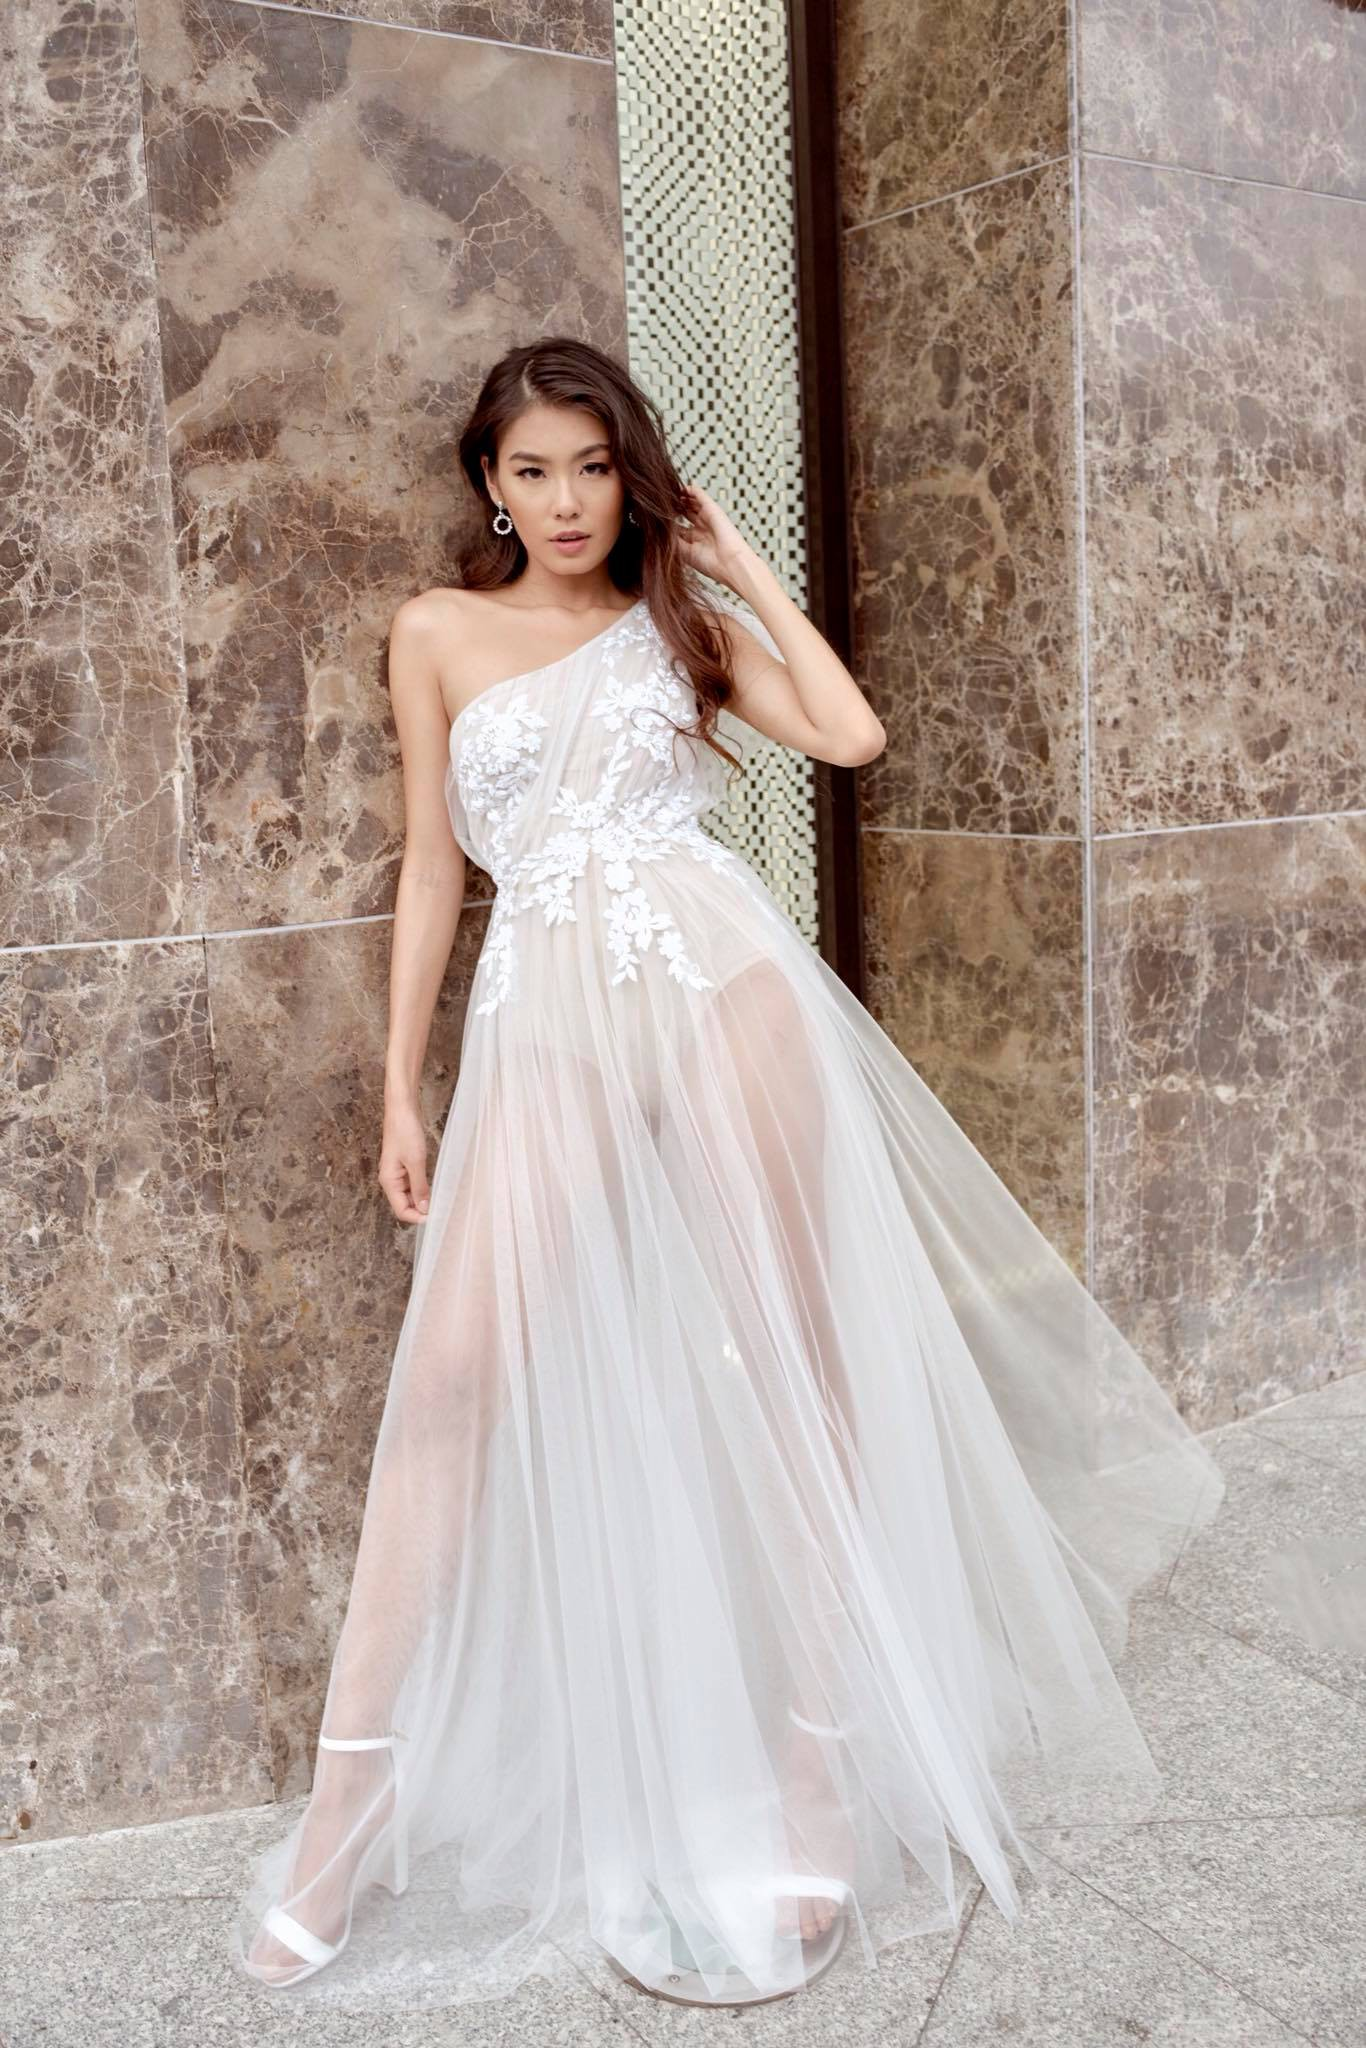 Cream.Y x Daphale, những chiếc váy cưới dành riêng cho cô dâu hiện đại - Ảnh 5.